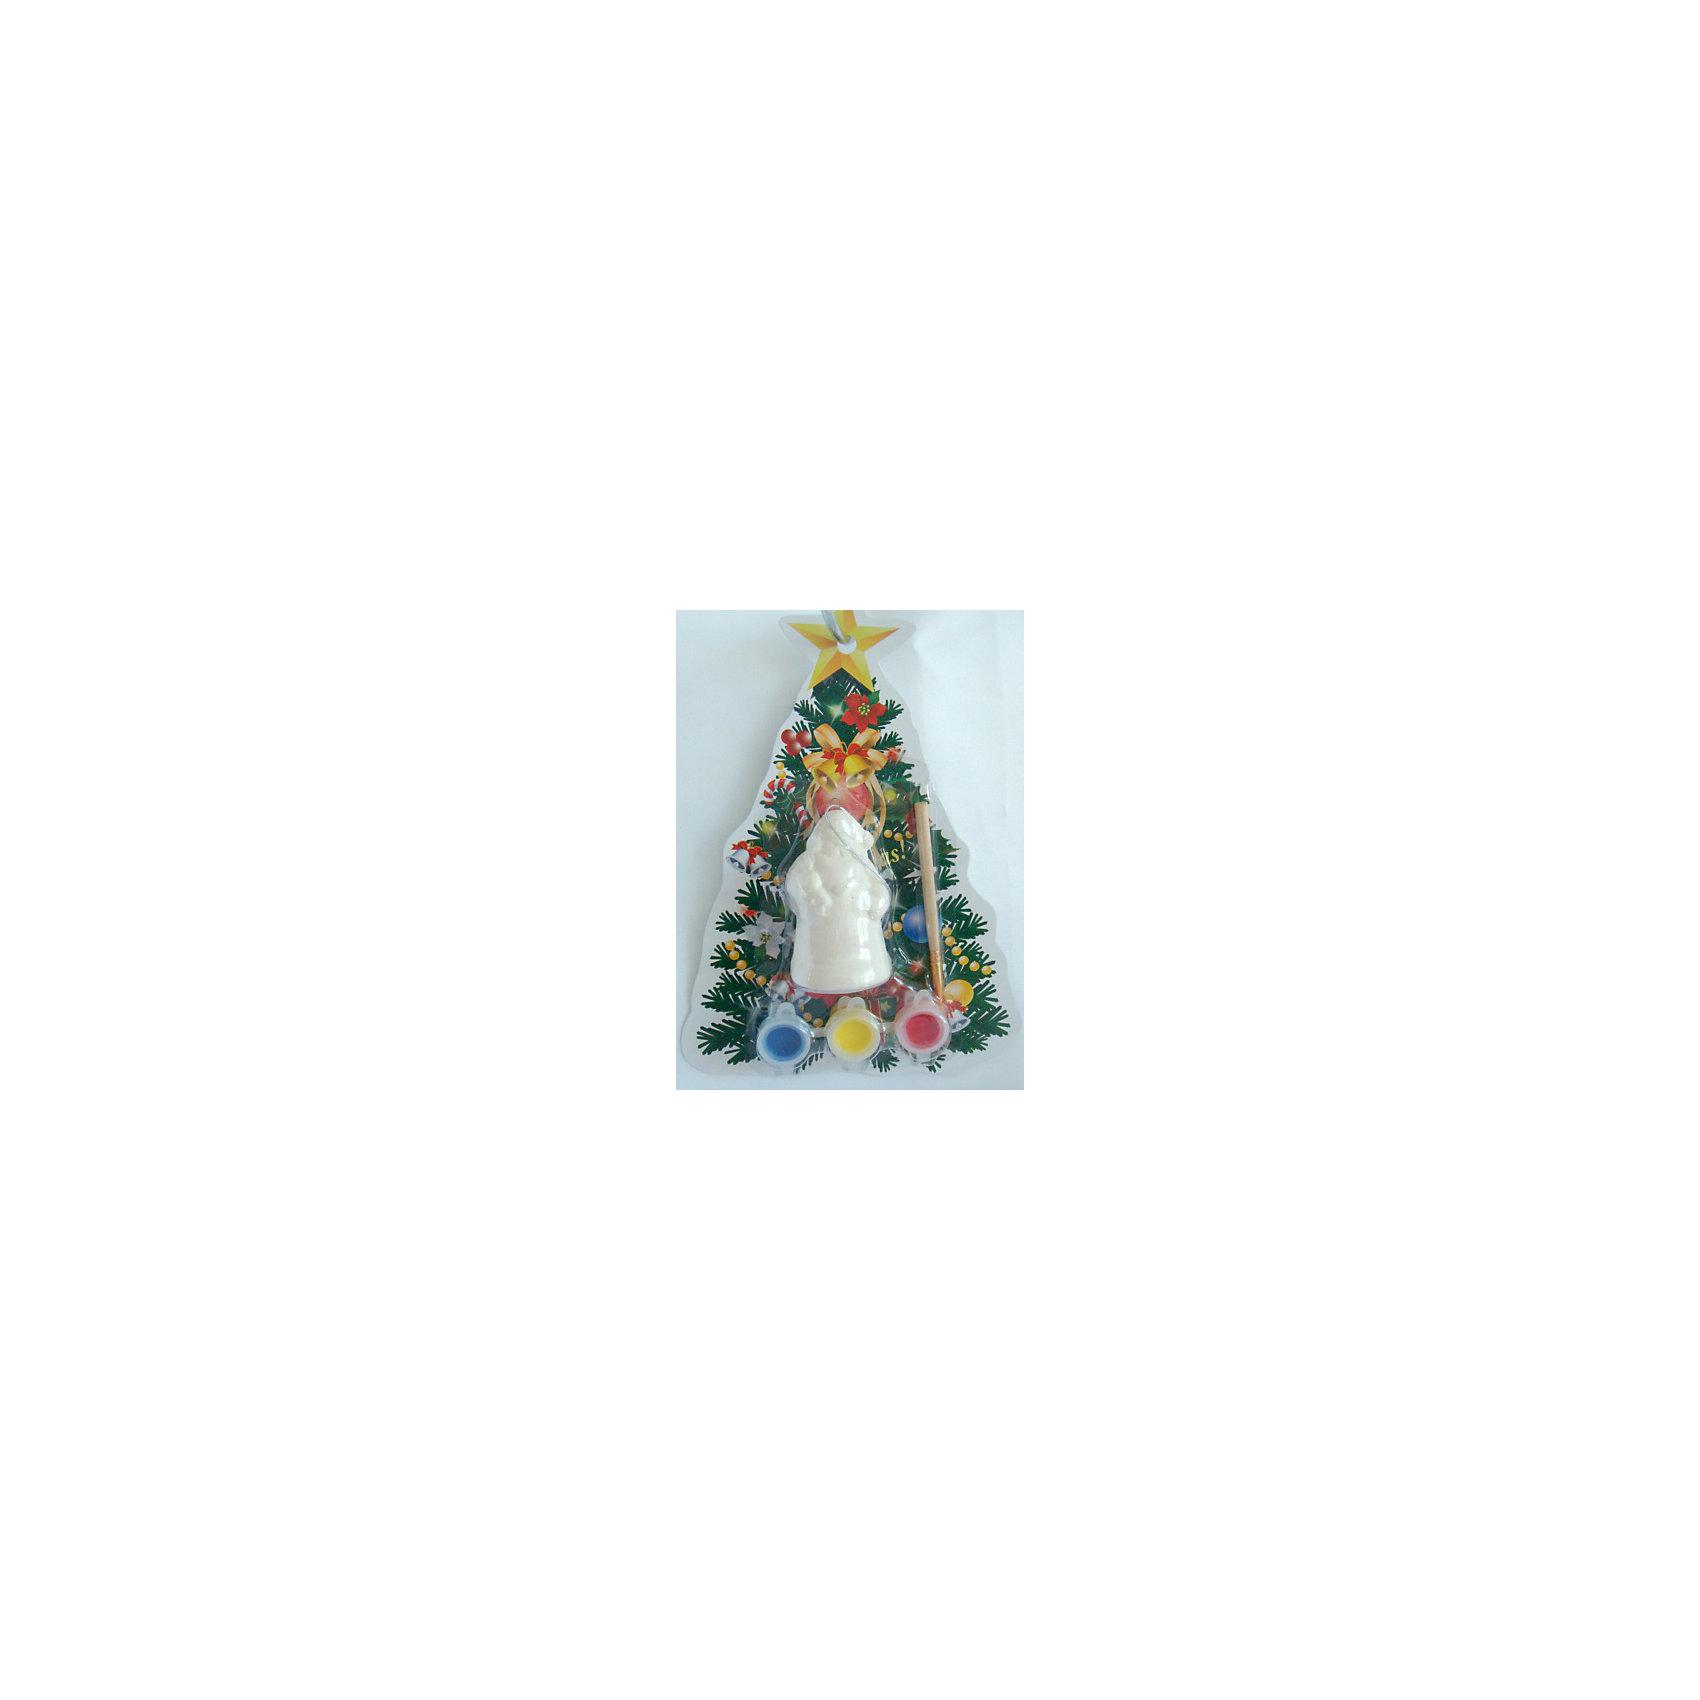 Magic Time Набор для творчества Дед мороз с фонариком игровые фигурки maxitoys фигура дед мороз в плетеном кресле музыкальный